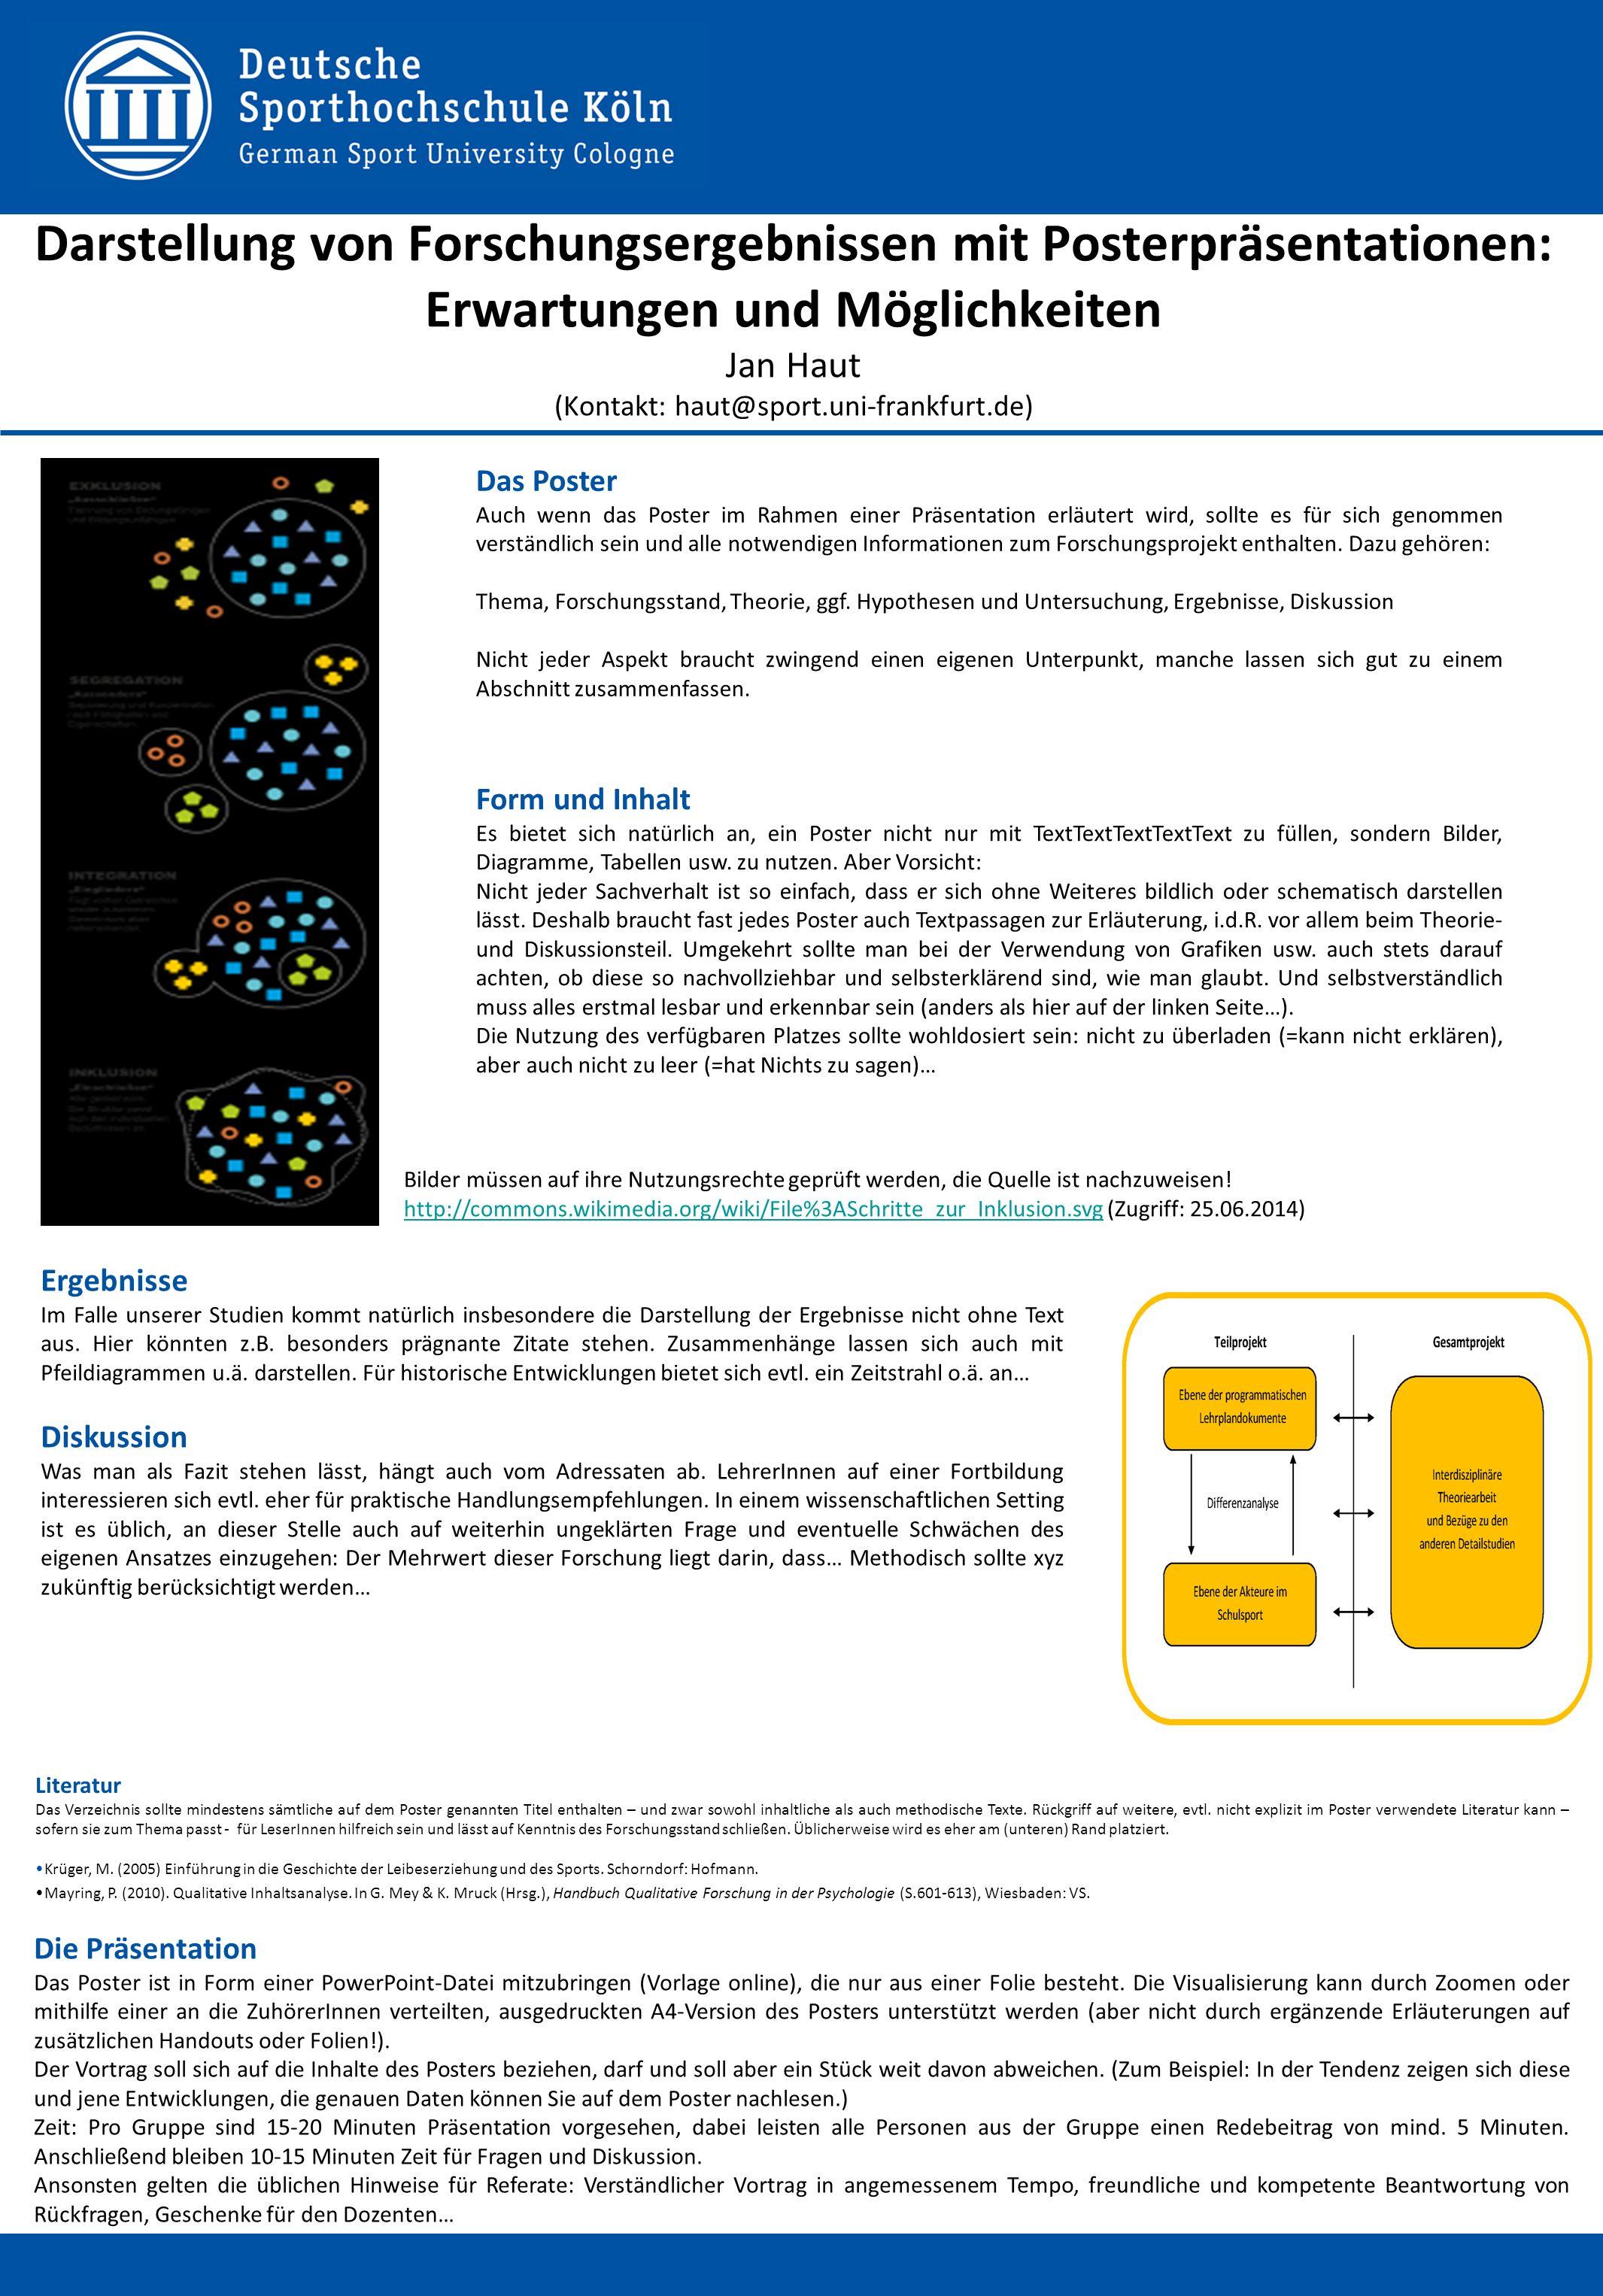 Darstellung von Forschungsergebnissen mit Posterpräsentationen: Erwartungen und Möglichkeiten Jan Haut (Kontakt: haut@sport.uni-frankfurt.de)